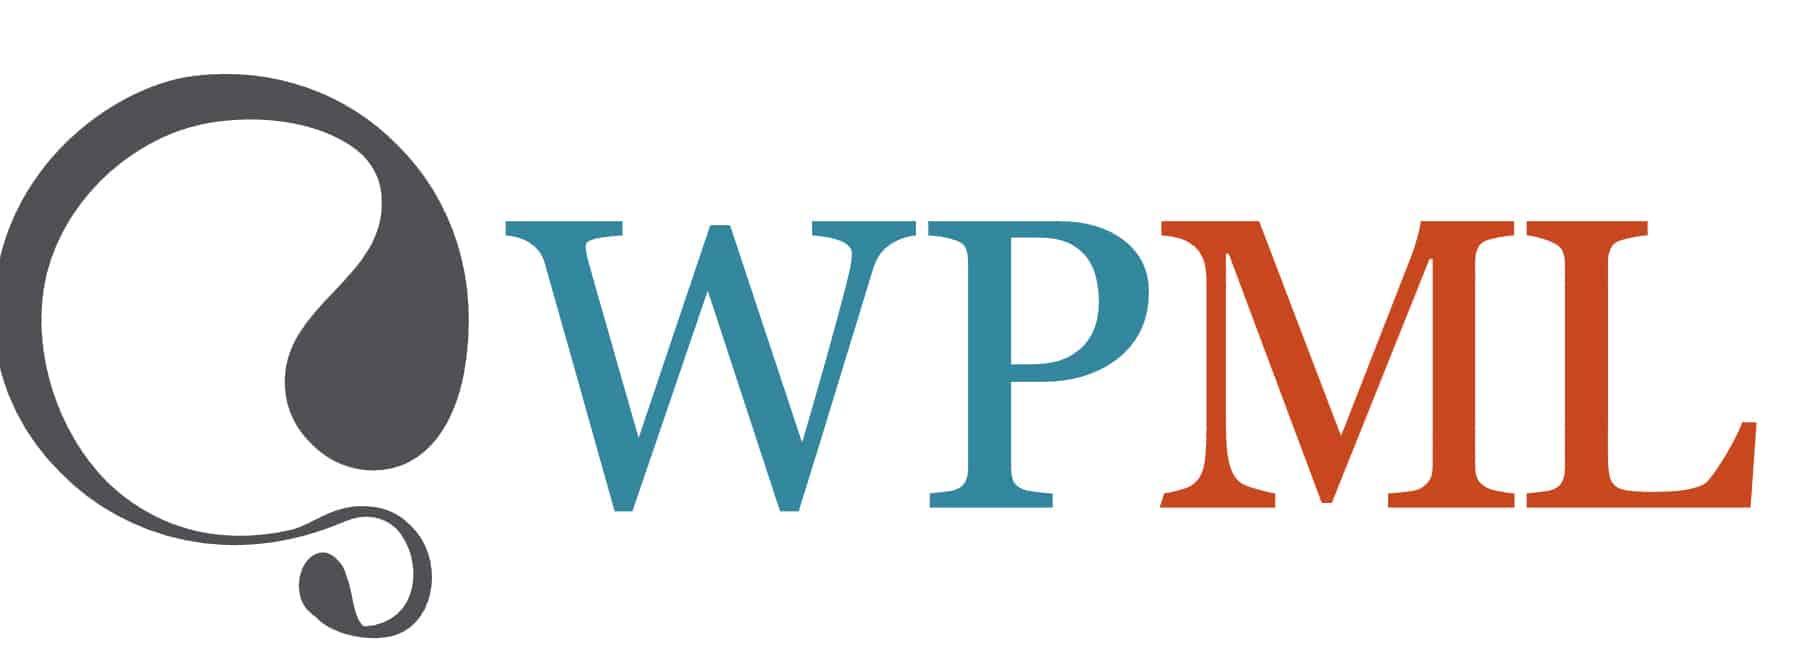 WPML, het meest gebruikte vertaalsysteem binnen WordPress